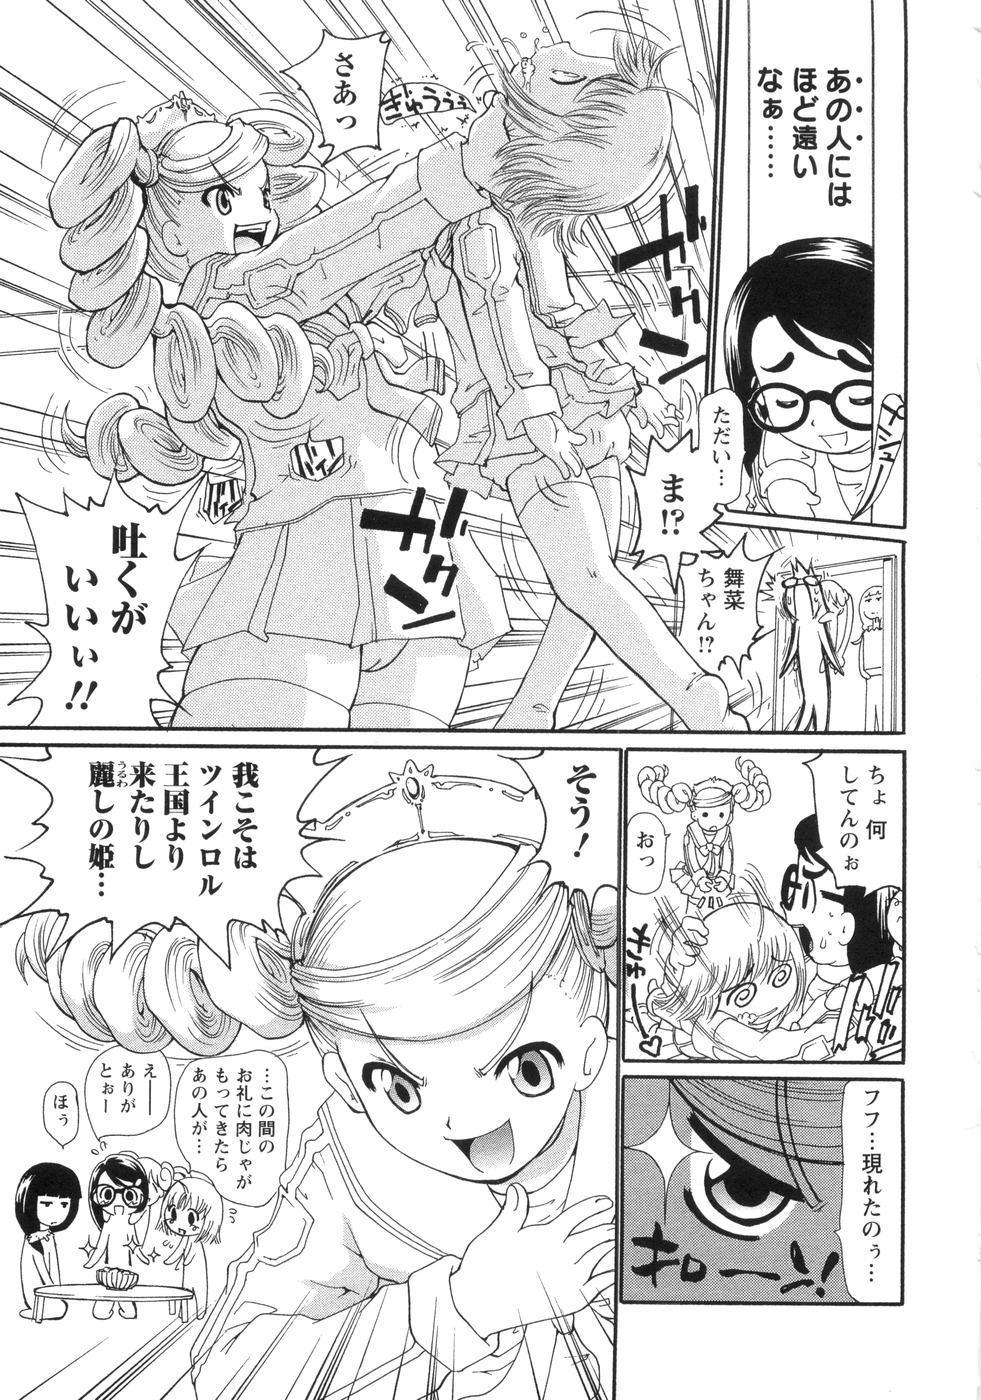 0 PULL TOWN Gakuen e Youkoso! 81